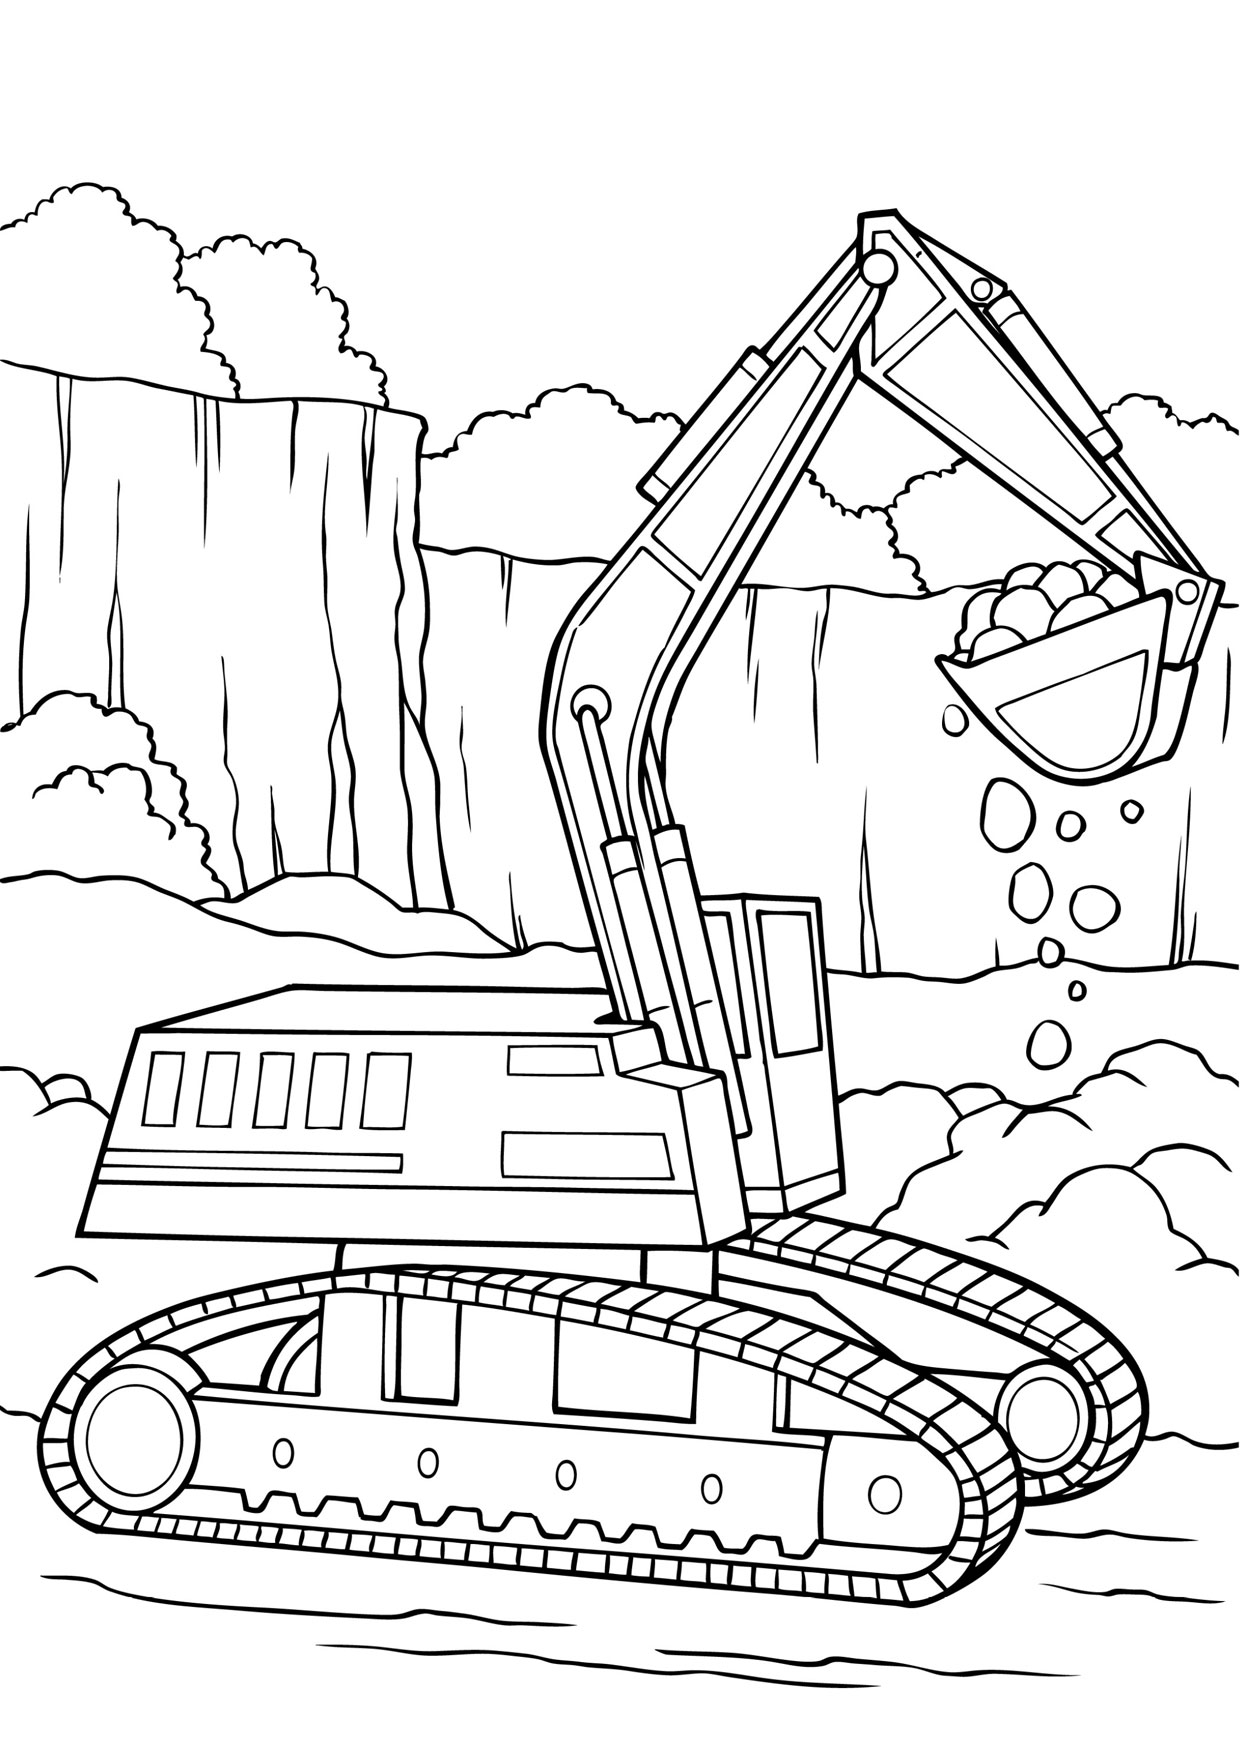 Disegni Da Colorare Per Bambini Escavatori.30 Disegni Di Escavatori Da Colorare Pianetabambini It